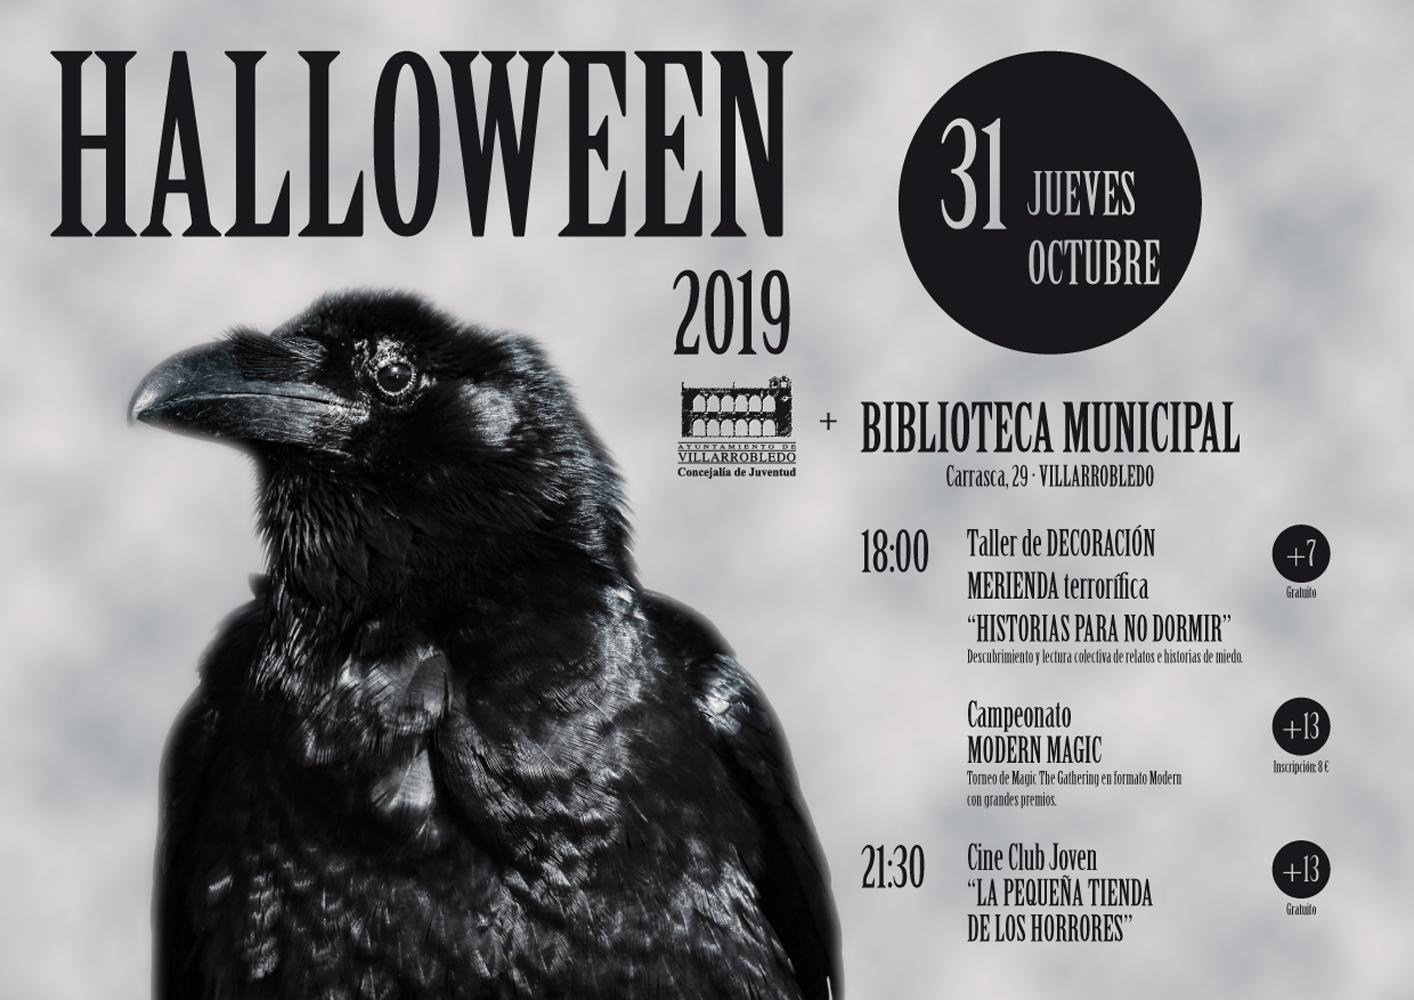 Cartel de Halloween 2019